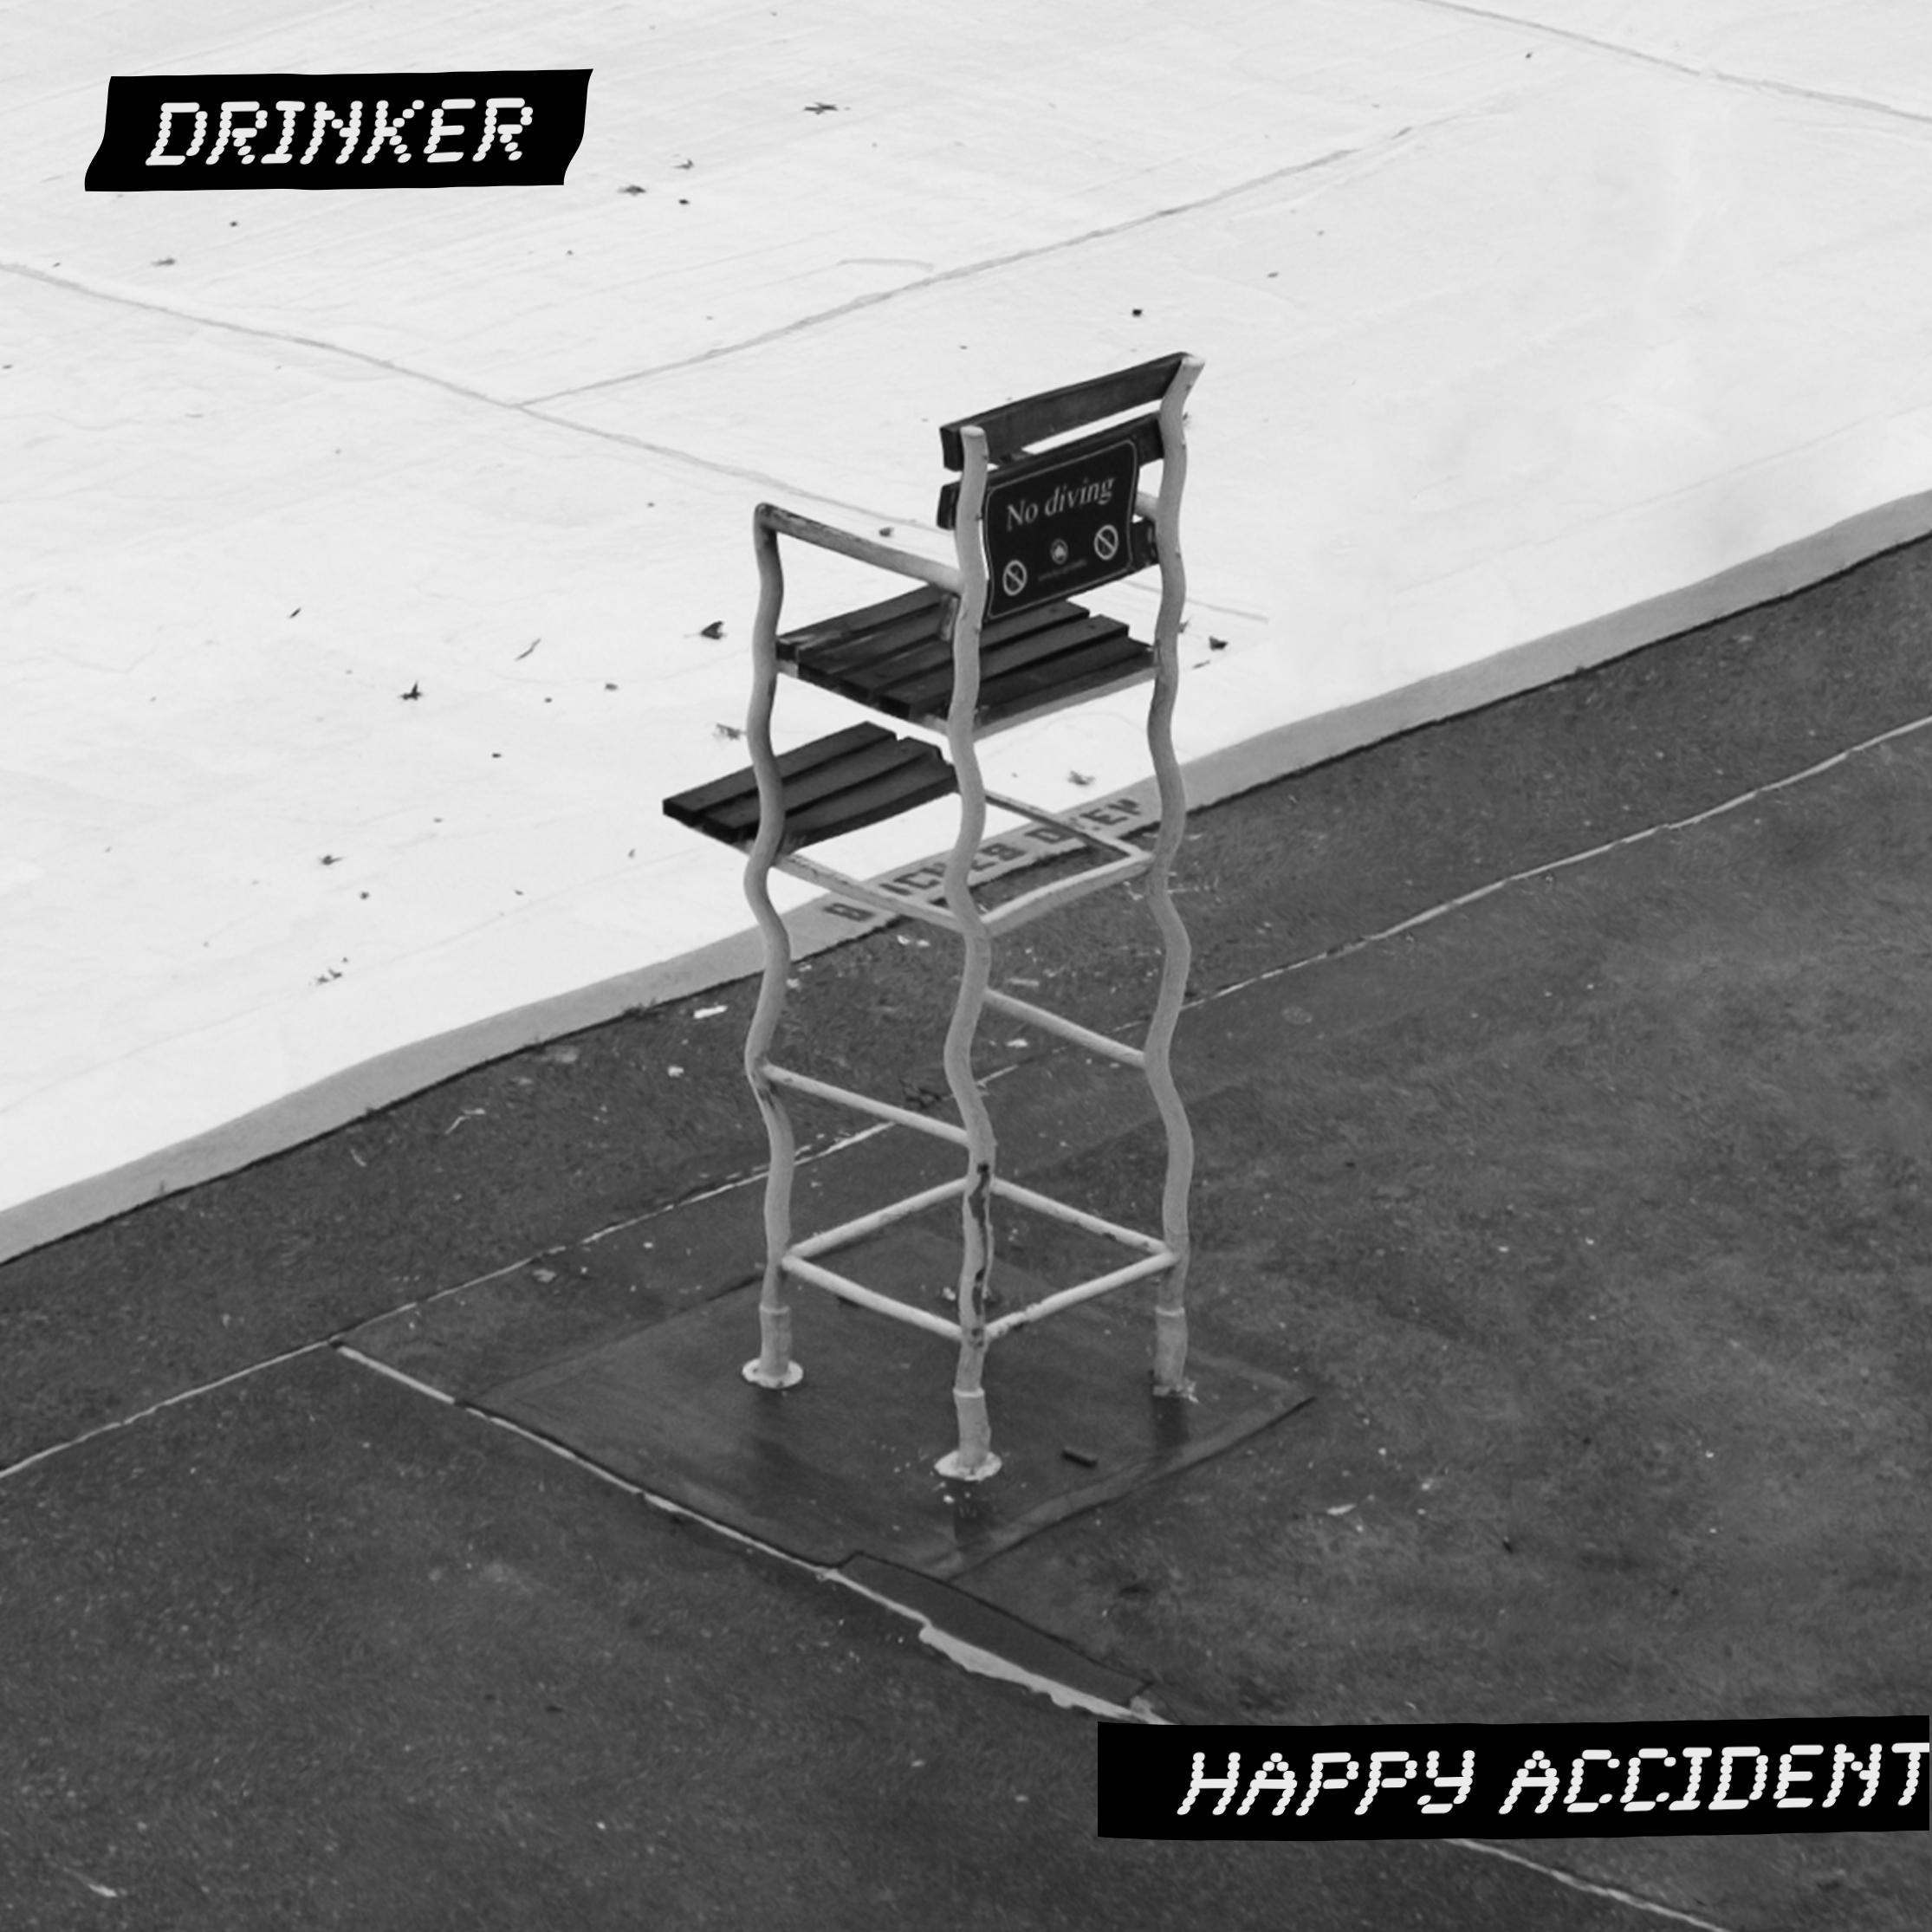 drinker-front cover.jpg